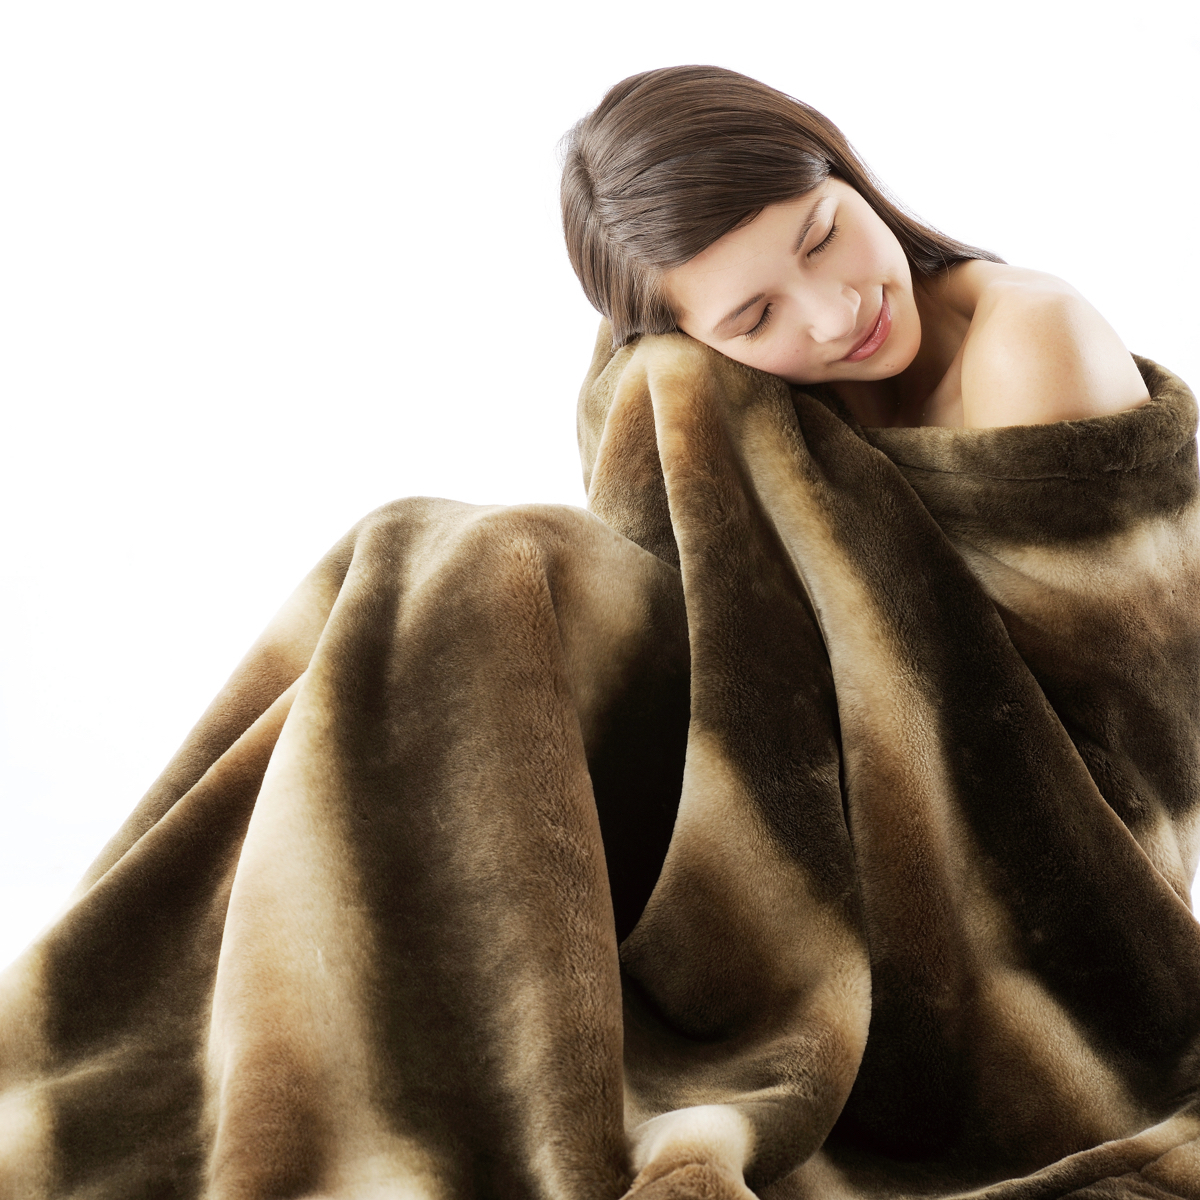 発熱力をキープしながら、より柔らかく仕上げました。暖かさはもう当たり前、軽さとなめらかさも実現した「毛布」|CALDONIDO NOTTEⅡ(カルドニード ノッテ)